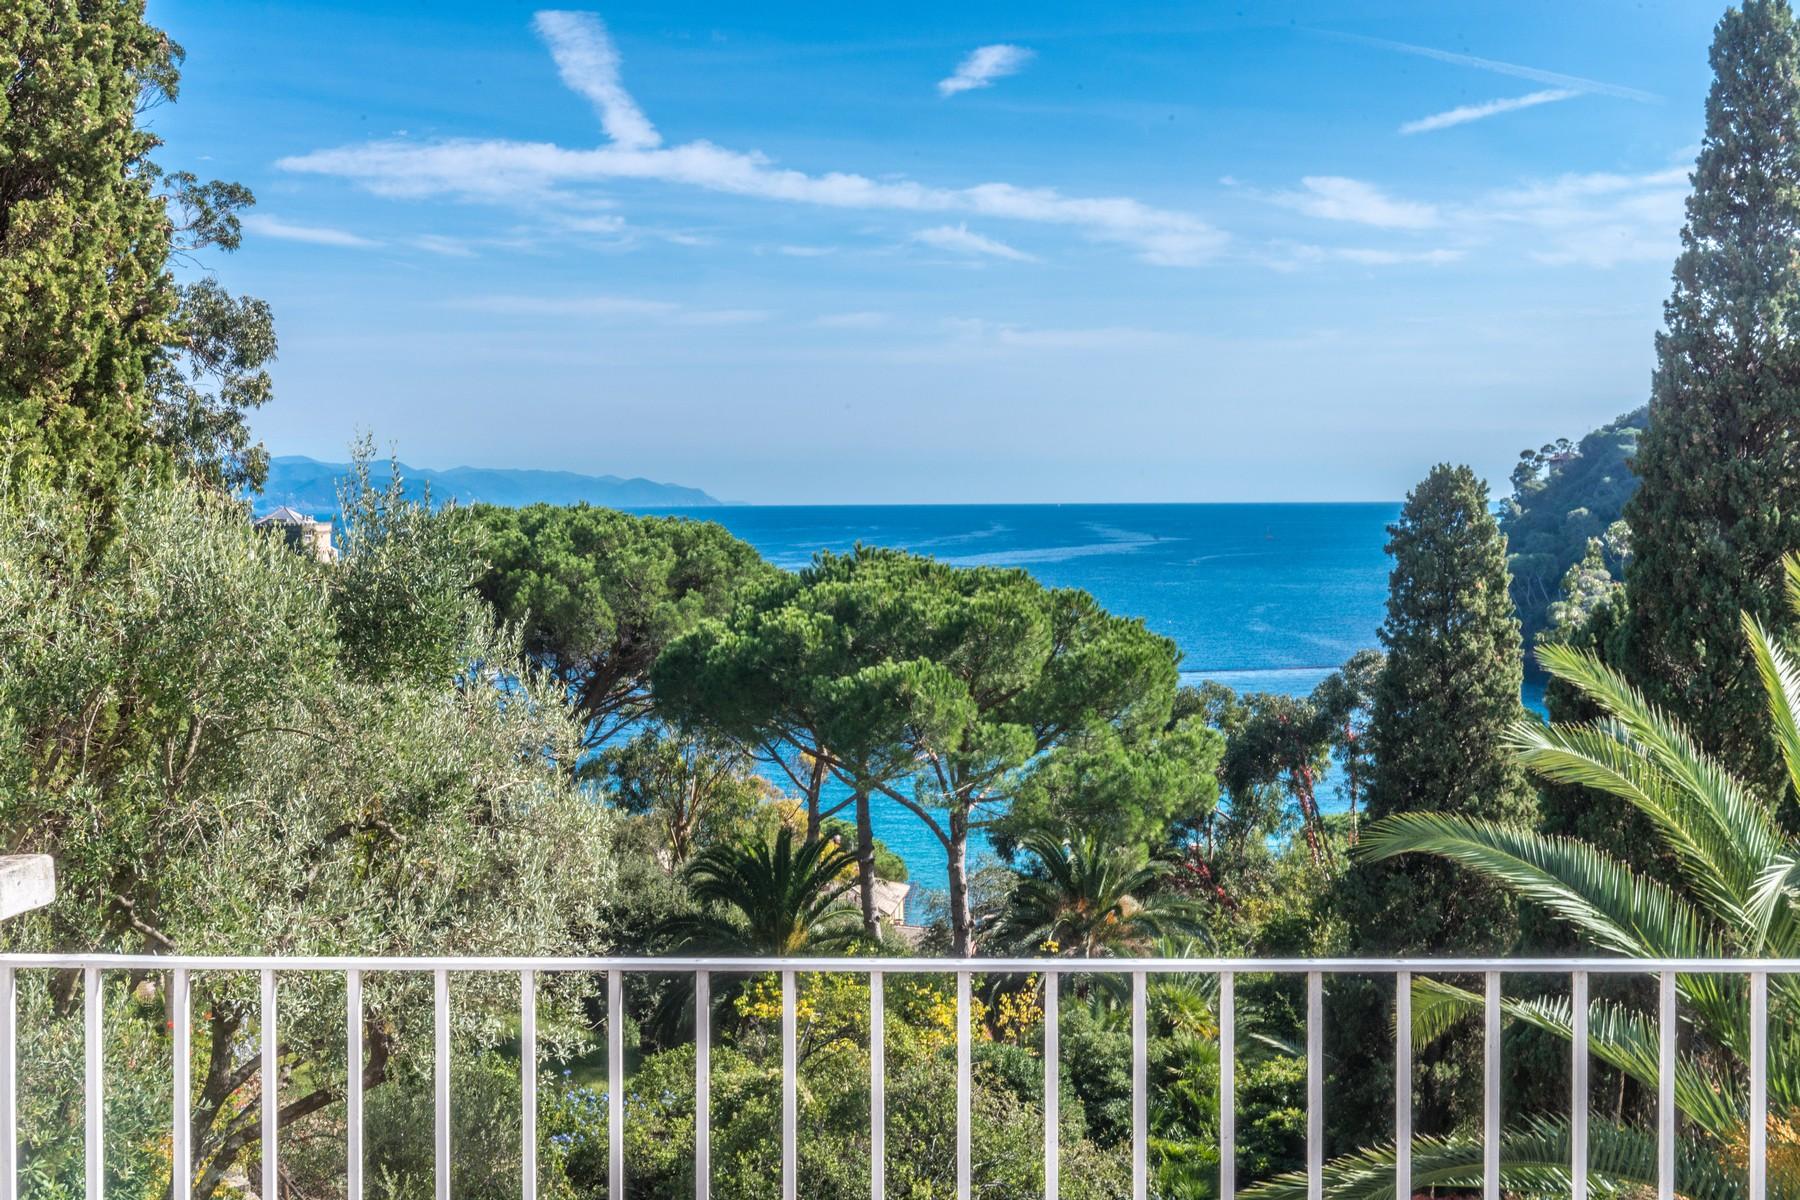 Appartamento in Vendita a Santa Margherita Ligure: 5 locali, 230 mq - Foto 16